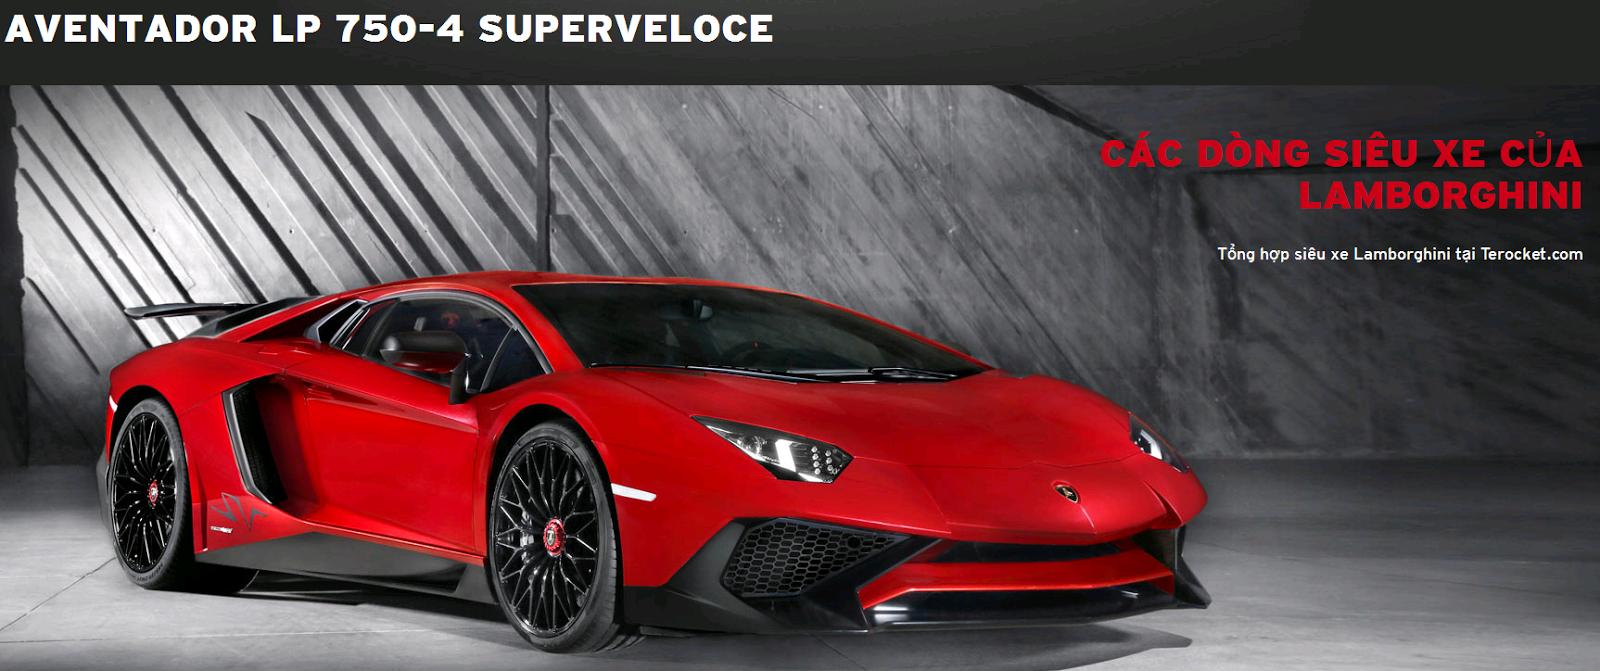 Các dòng siêu xe Lamborghini & mẫu xe Lamborghini